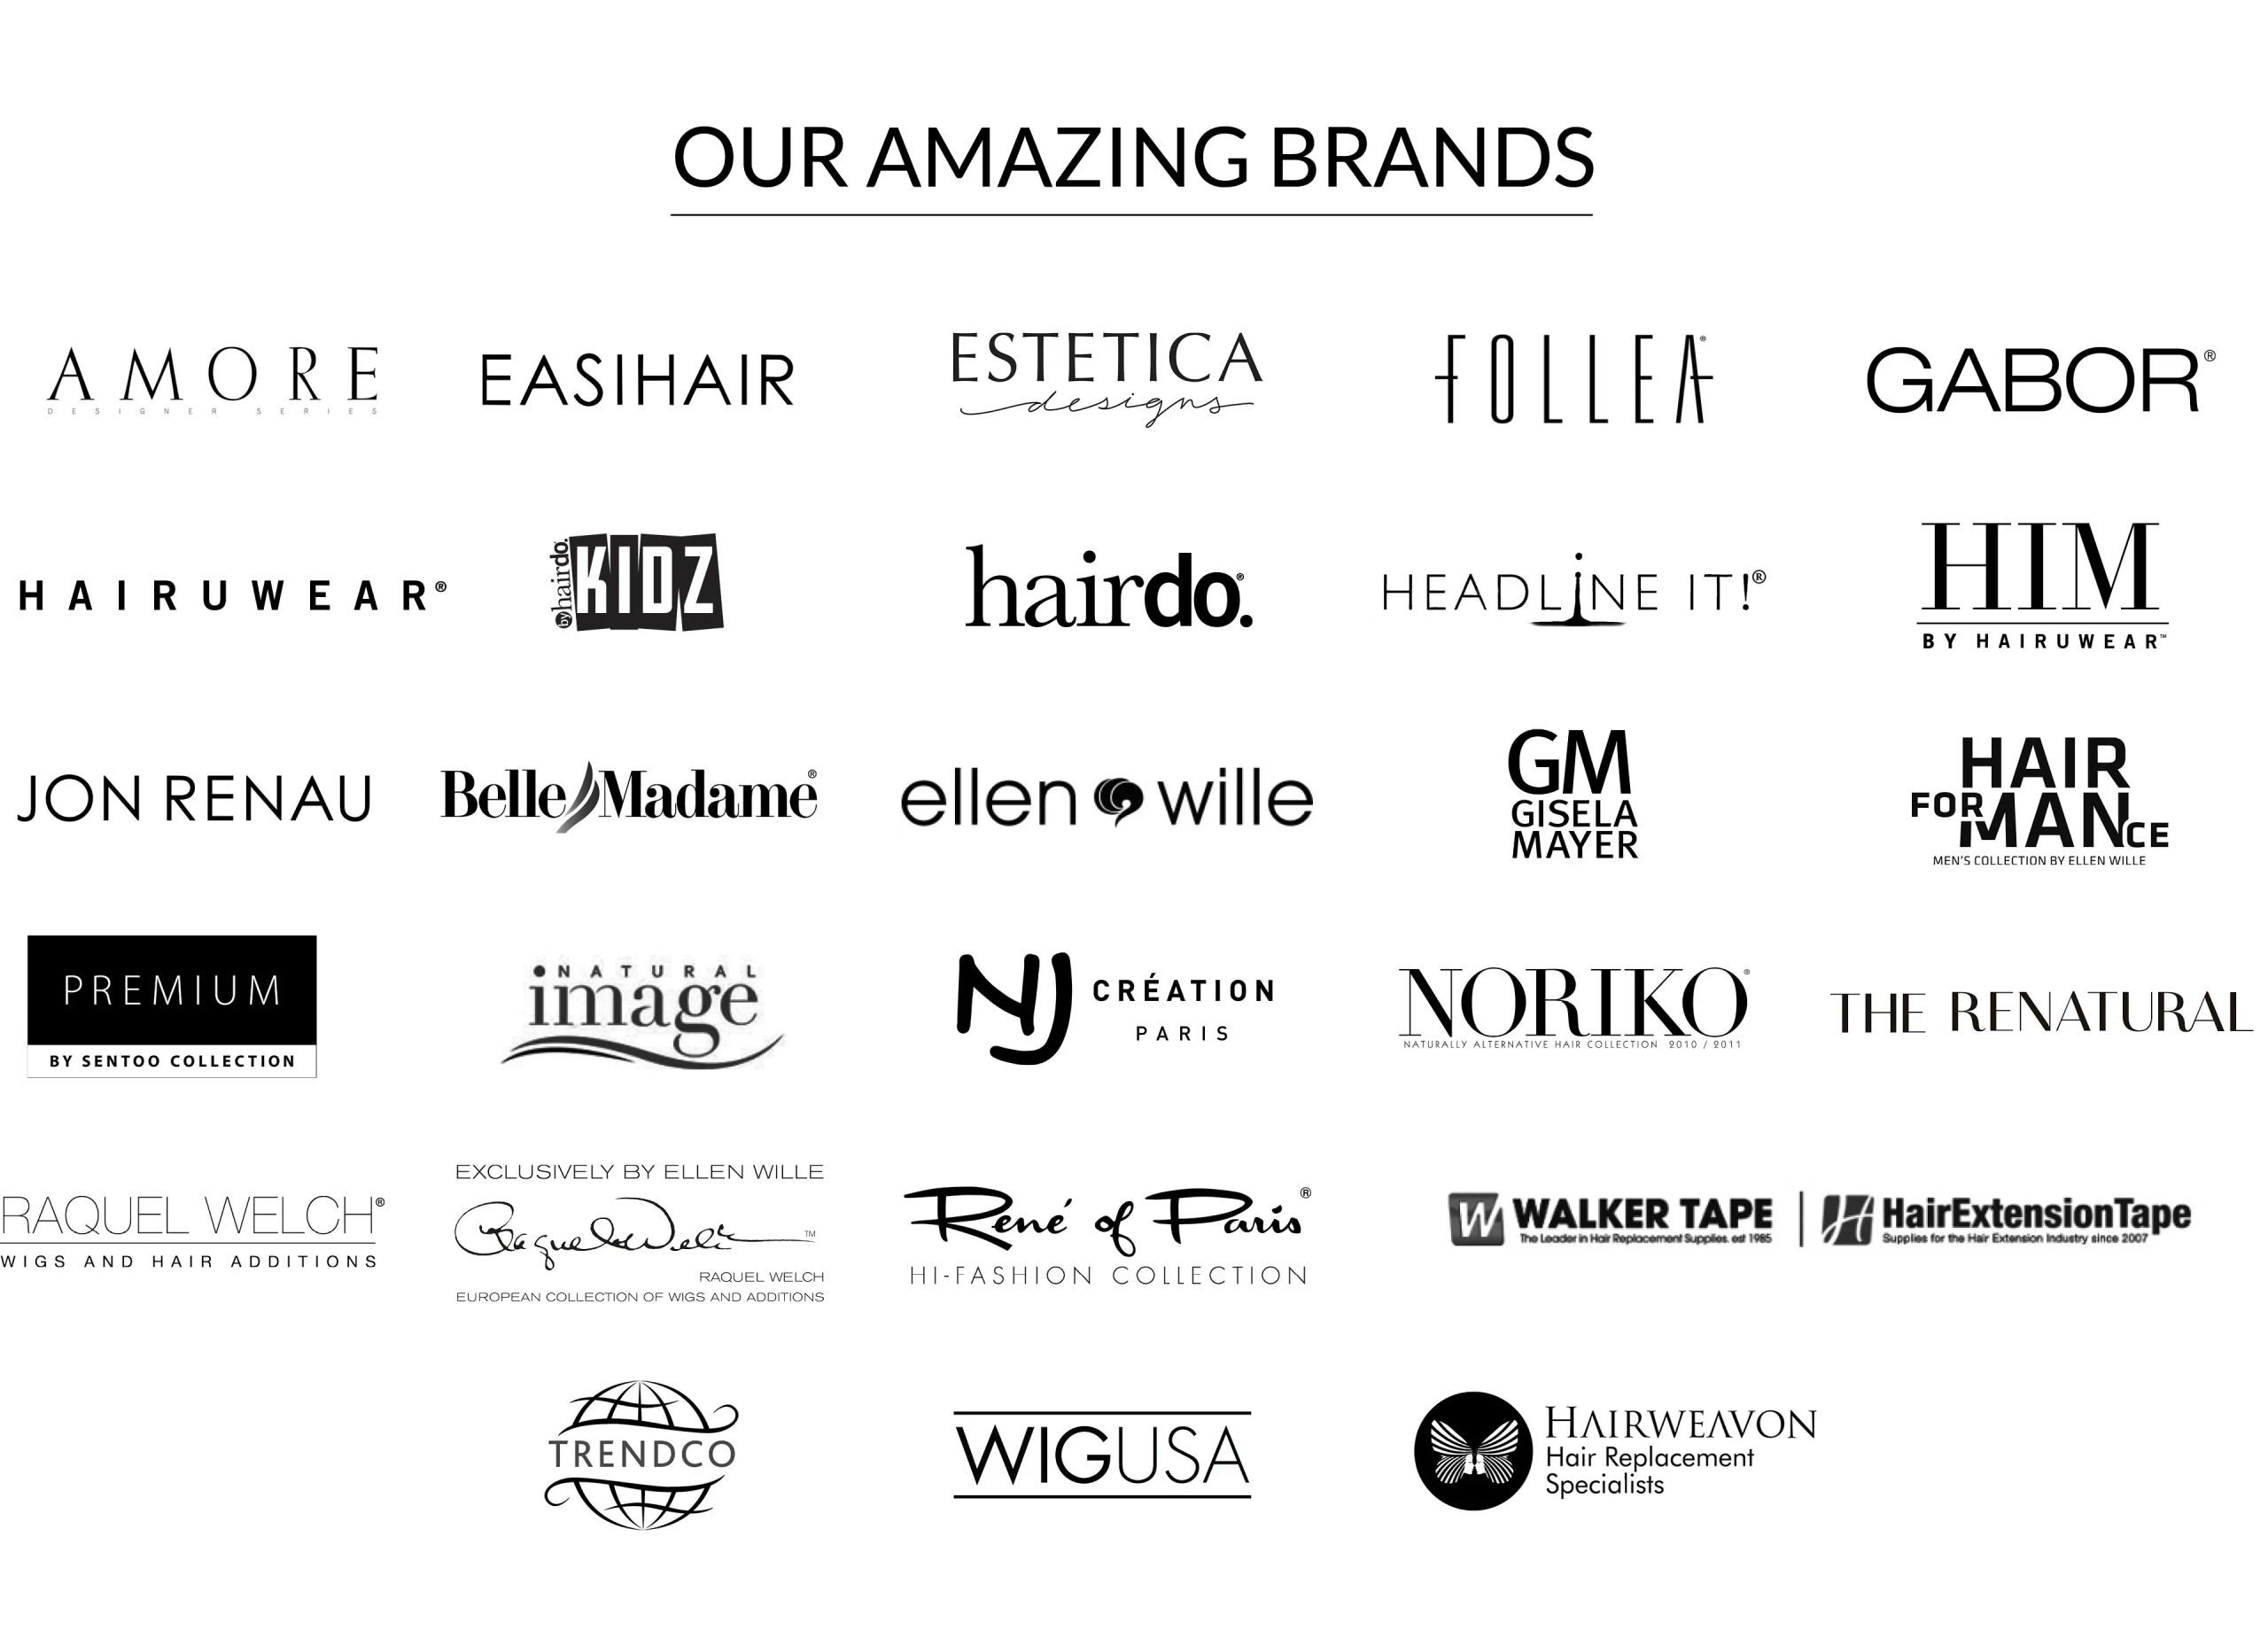 Best Wig Brands At HairWeavon